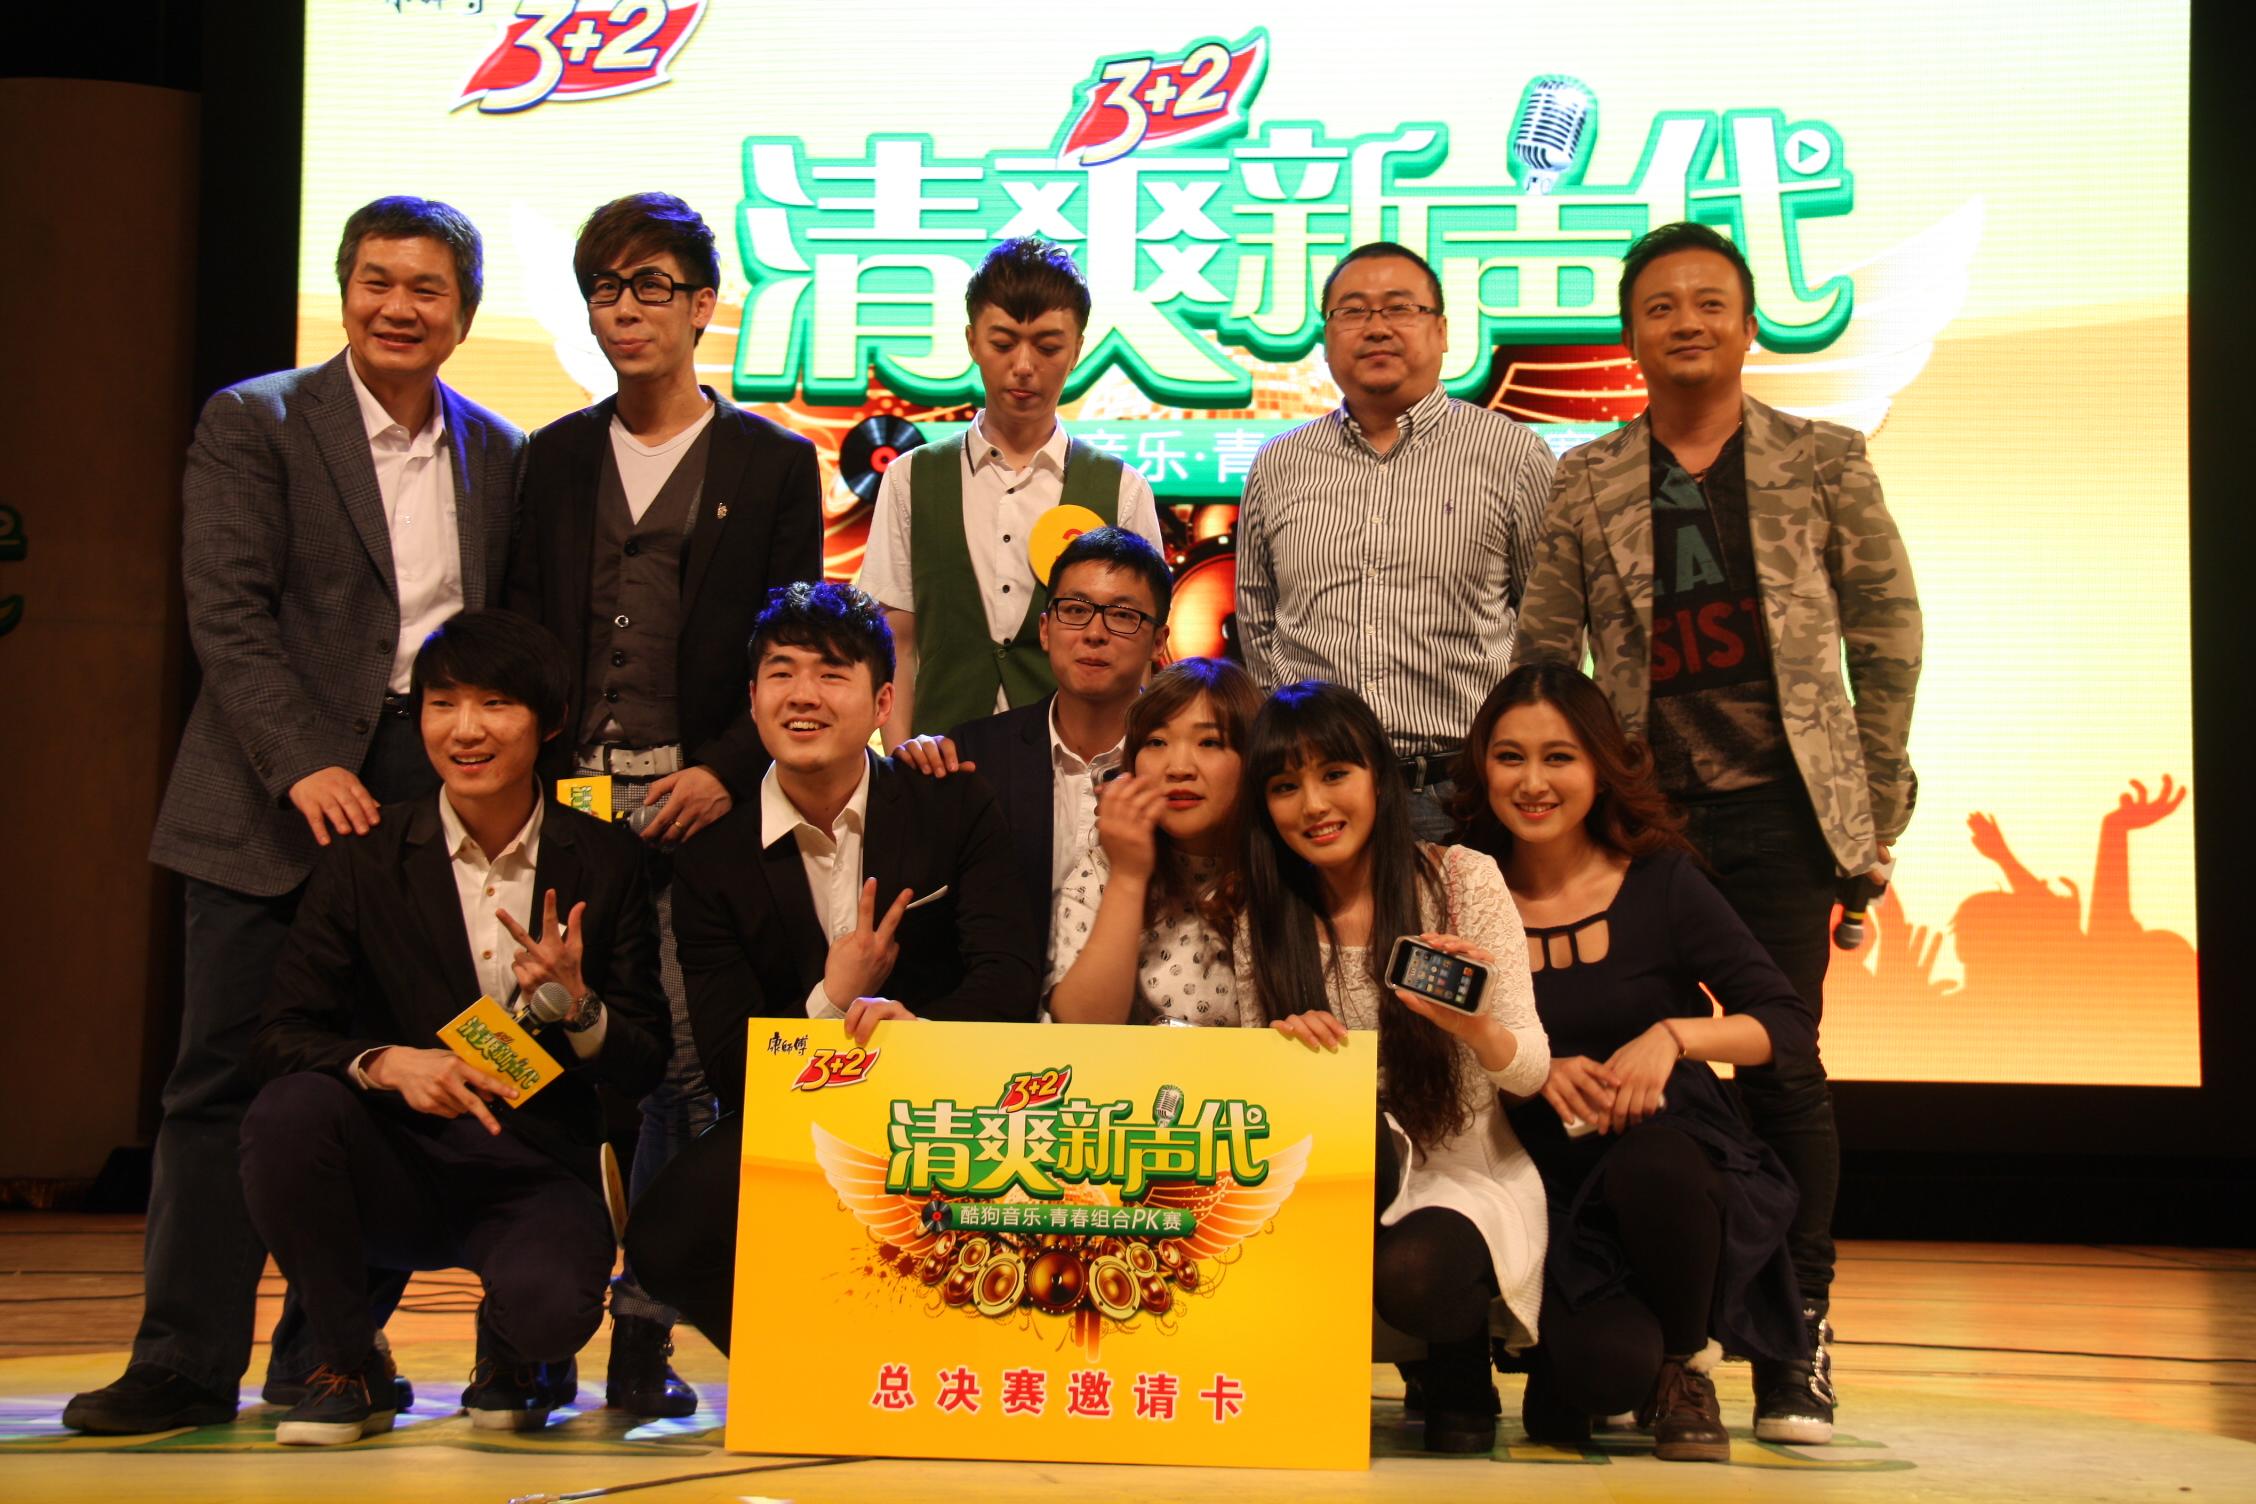 康师傅3 2清爽新声代北京站大赛落幕 阿卡贝拉 组合终夺冠